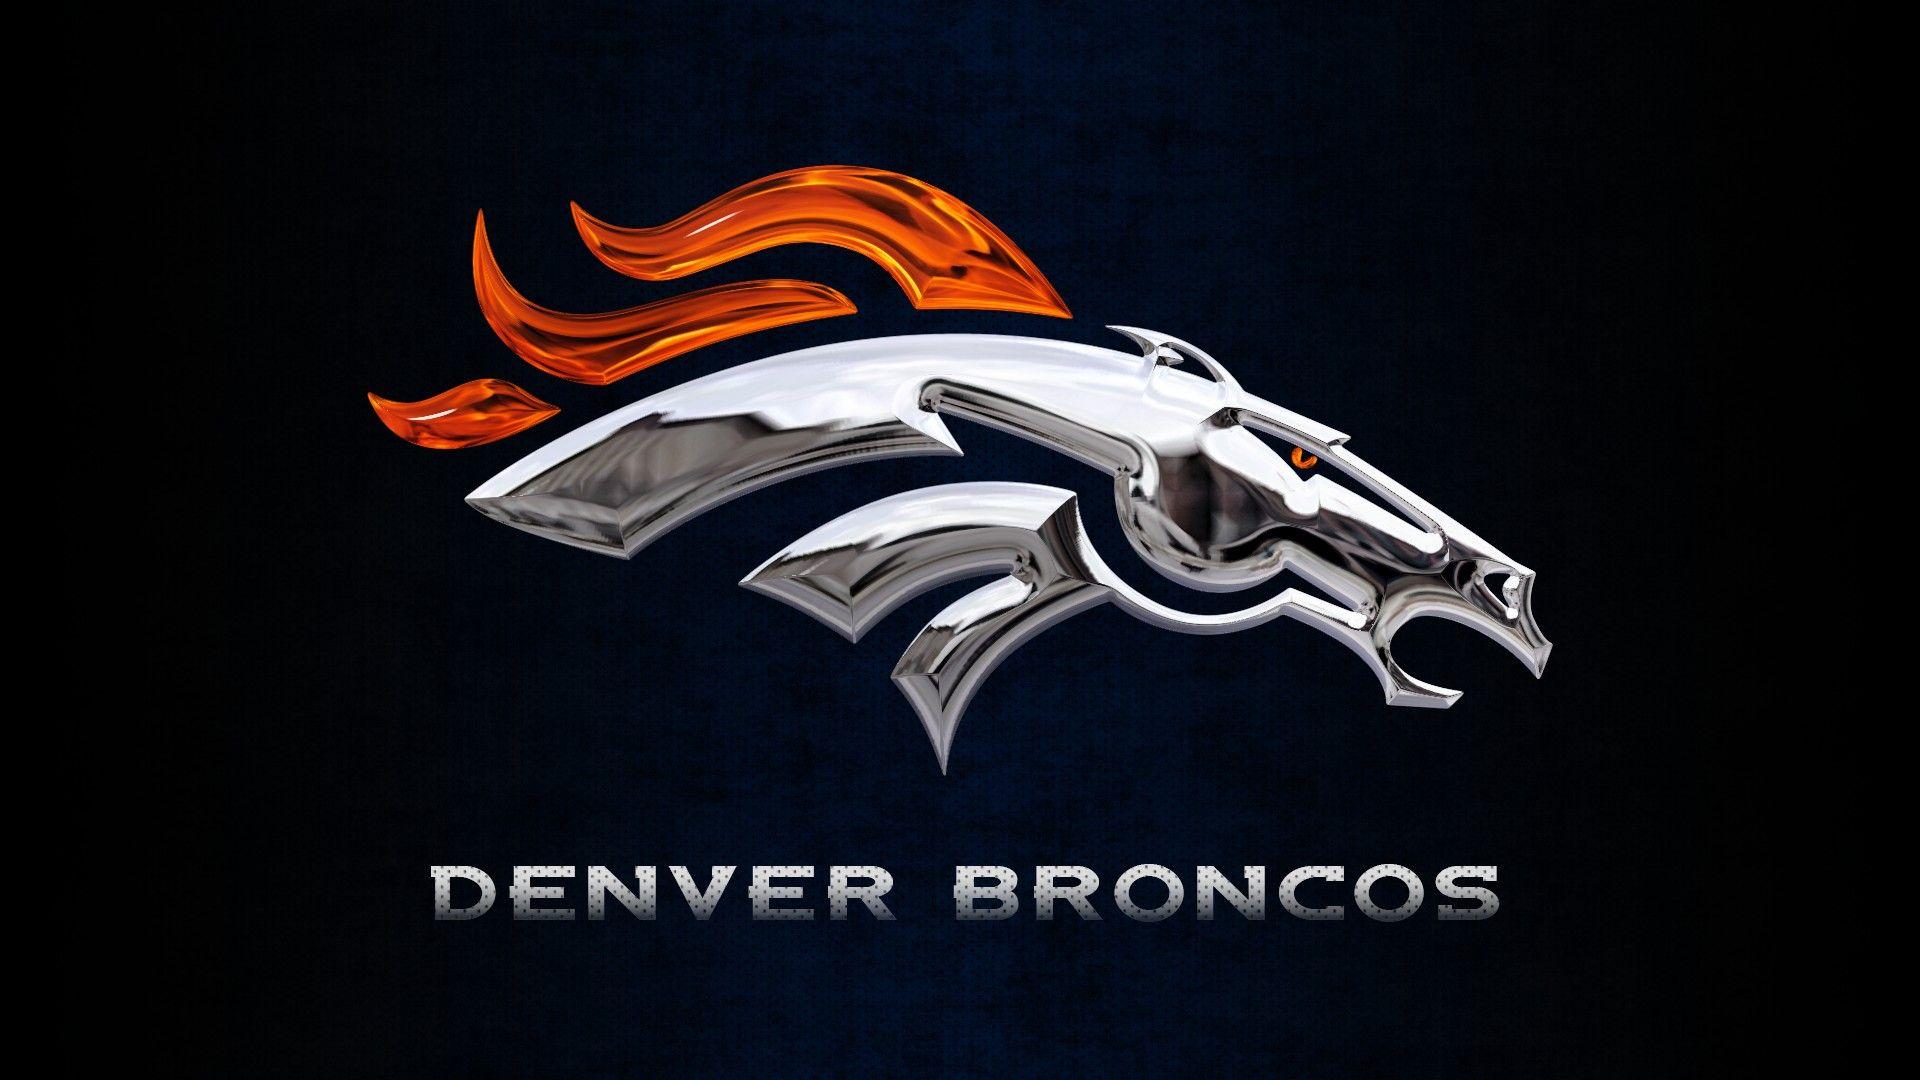 Denver Broncos Logo Super Bowl Favorite Places Spaces